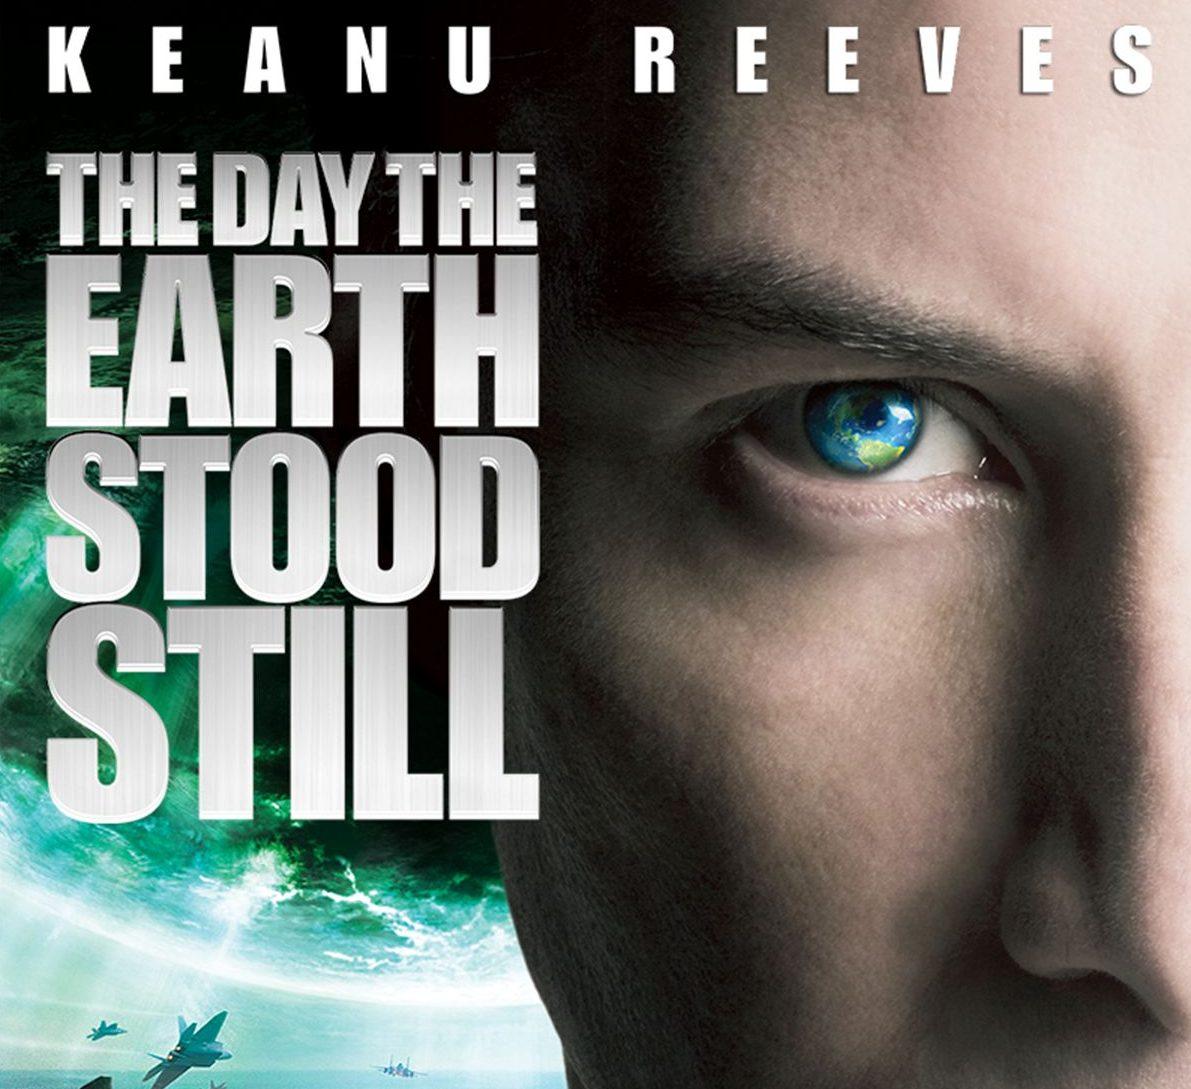 3b87d2a4 2040 4b07 8f78 ed032b05268d e1622106354988 20 Things You Never Knew About Keanu Reeves